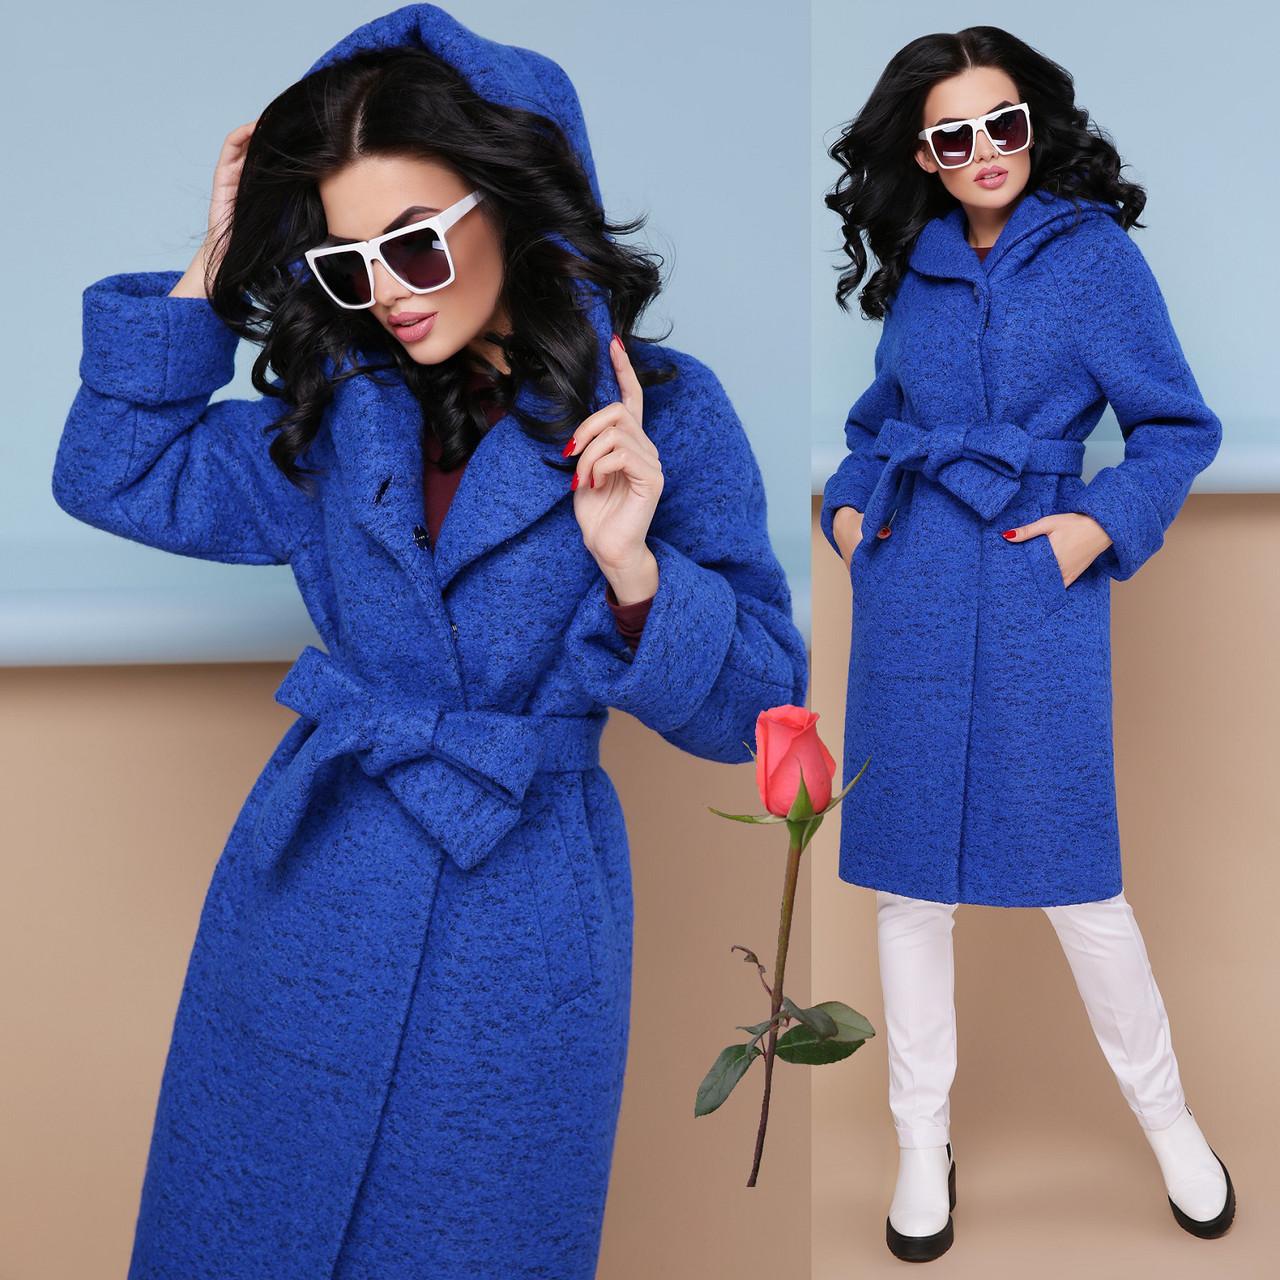 Женское демисезонное  пальто  с капюшоном из  буклированной шерсти  CK 304 - Электрик